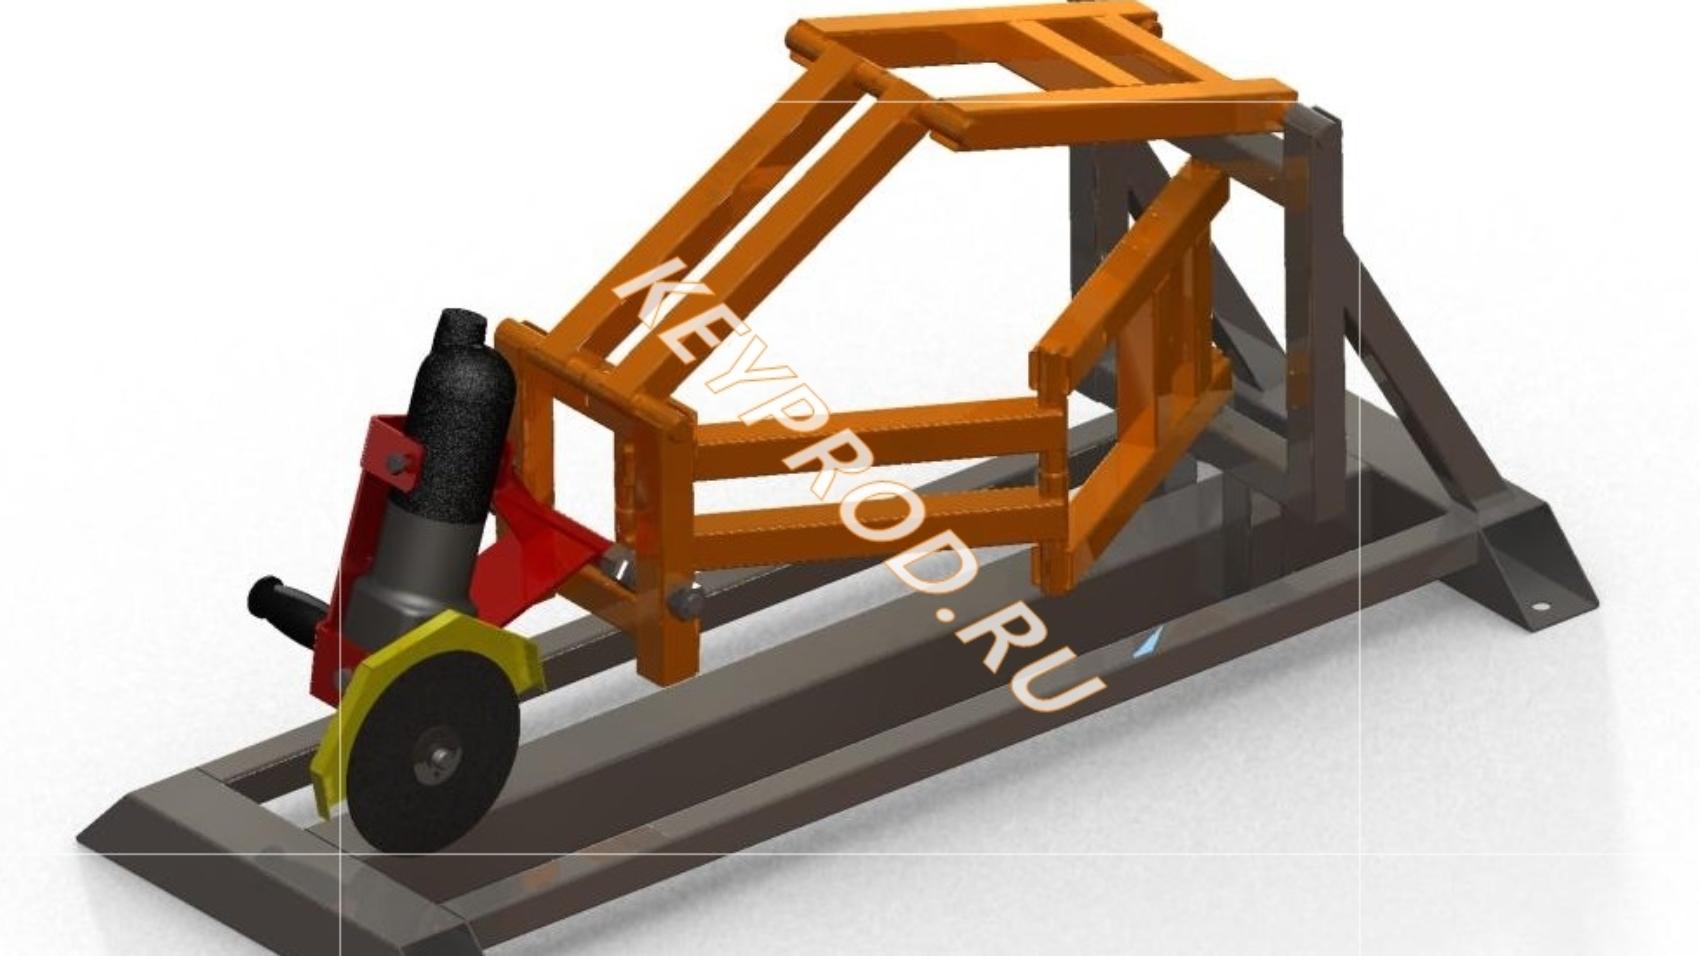 Стойка-слайдер для болгарки 3D-модель